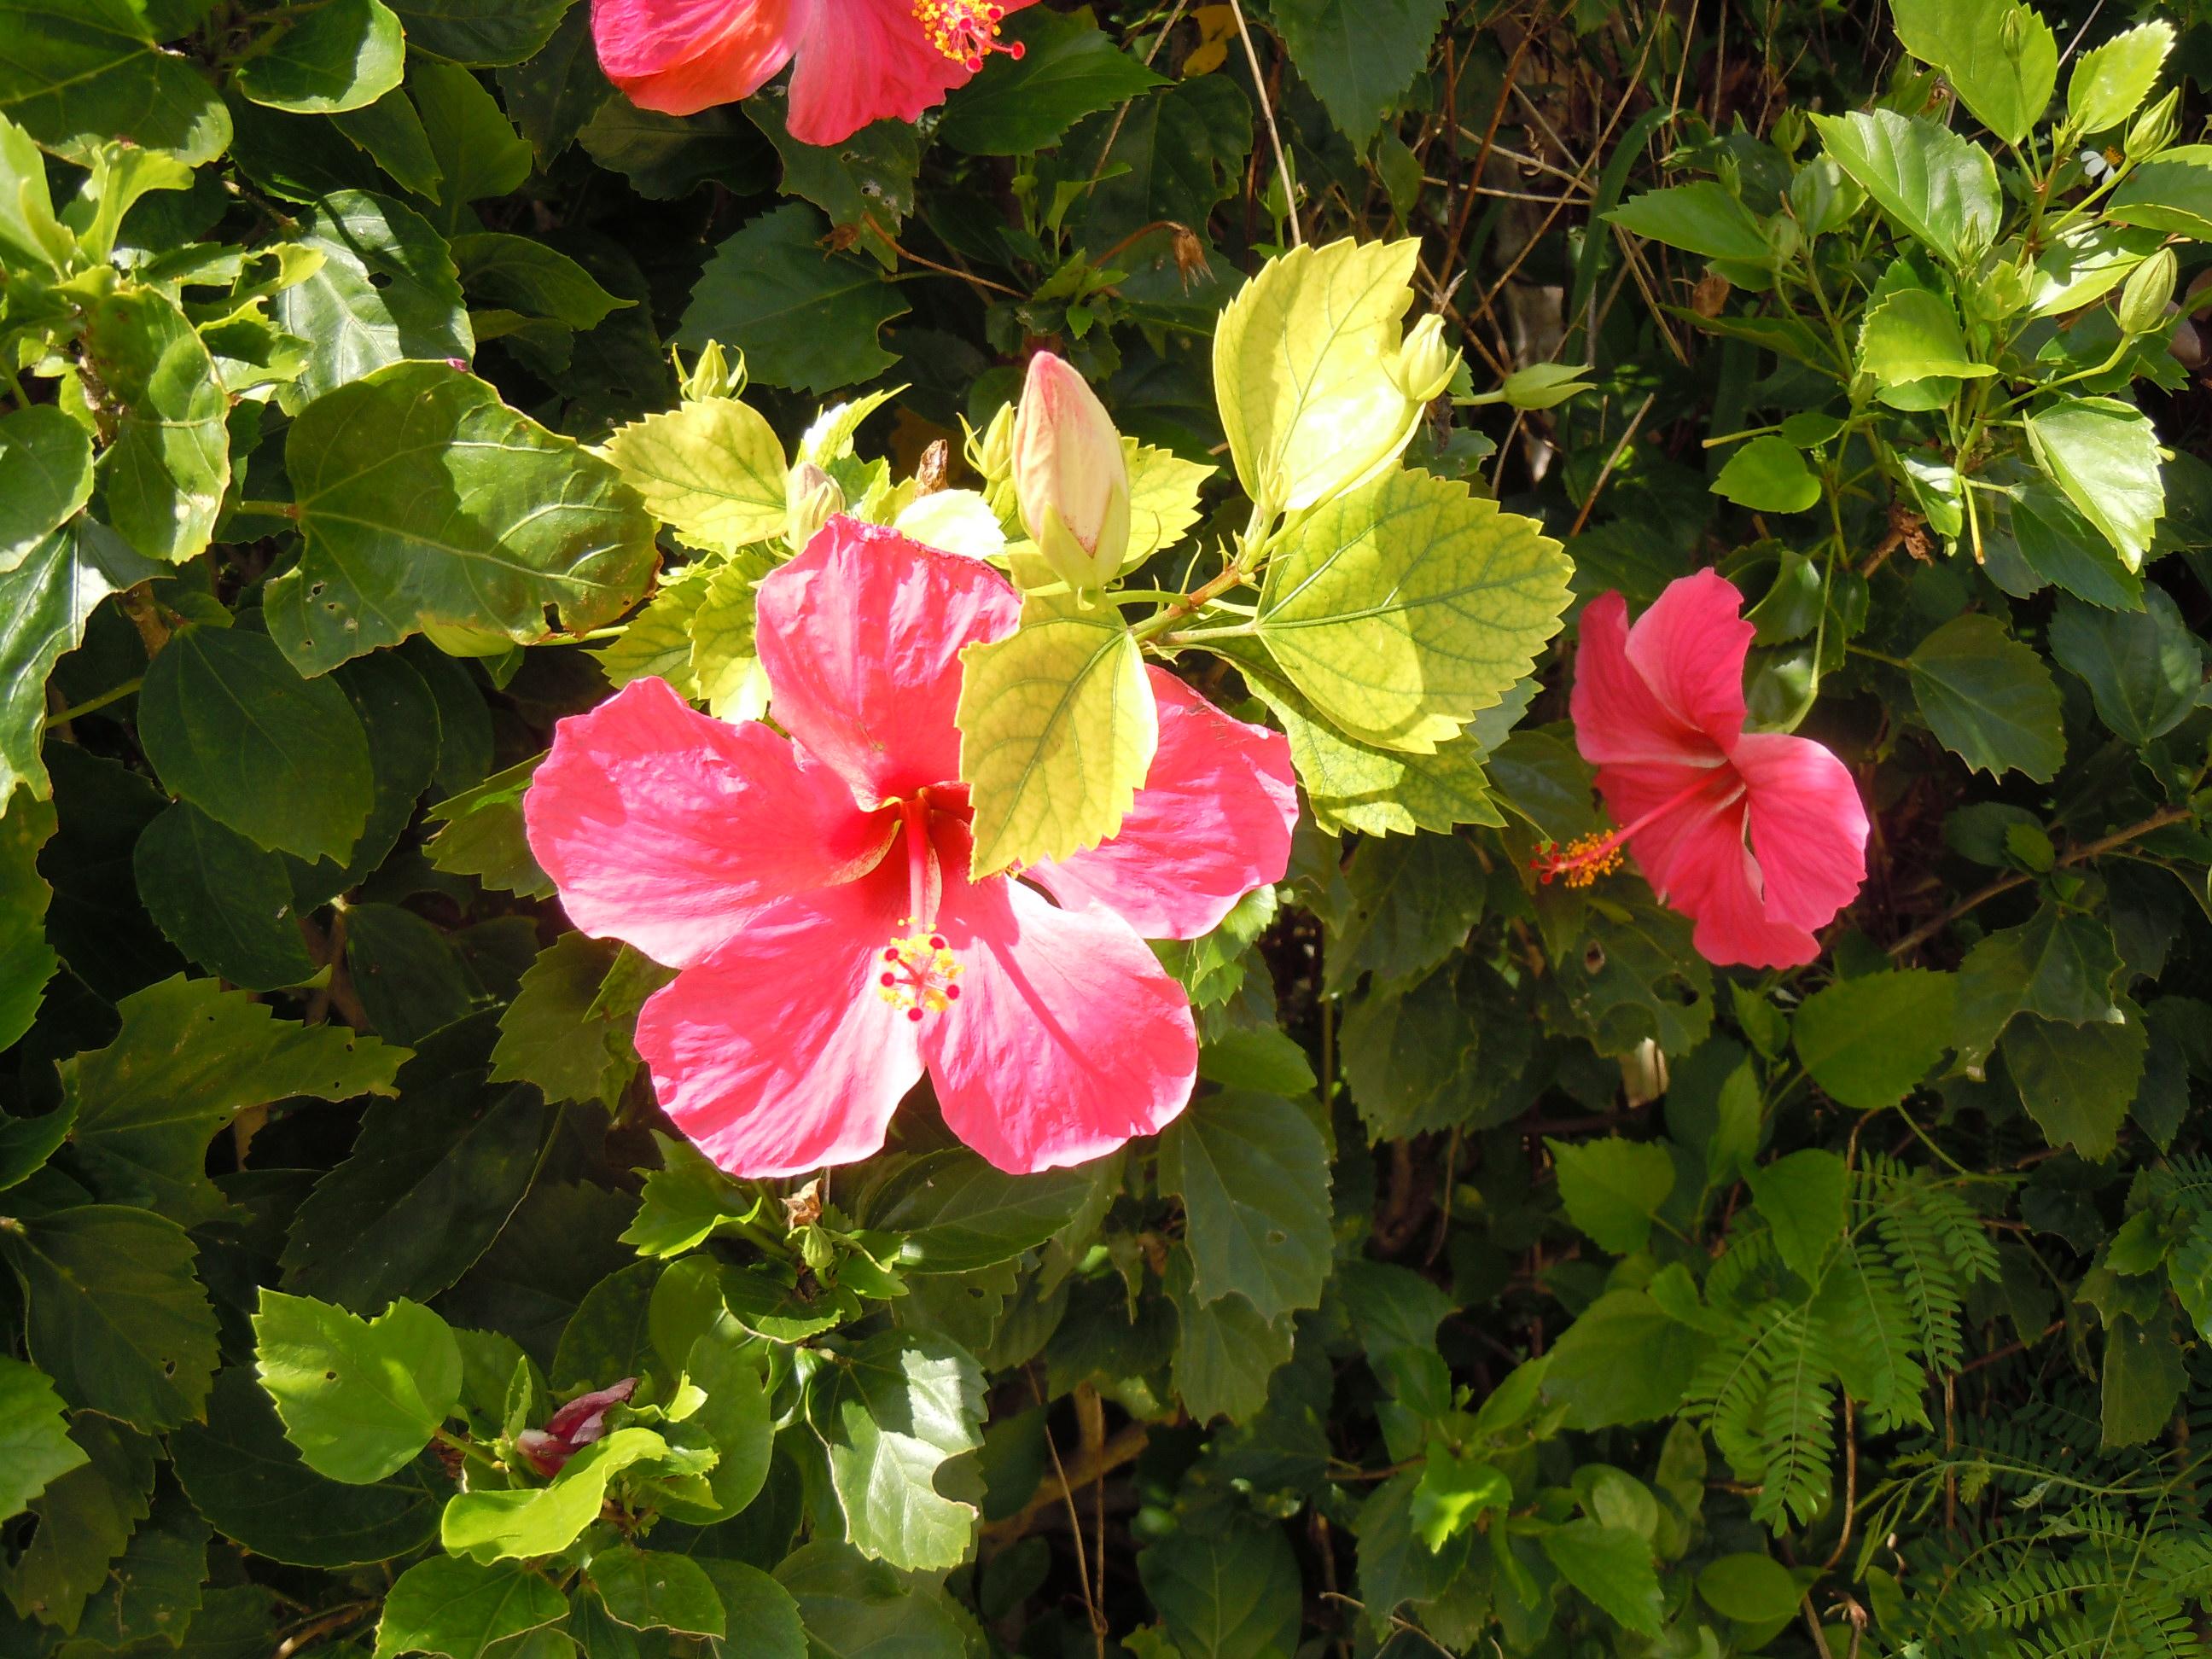 http://www.ige.tohoku.ac.jp/mirai/news/upload_items/201207/DSCN1645.JPG